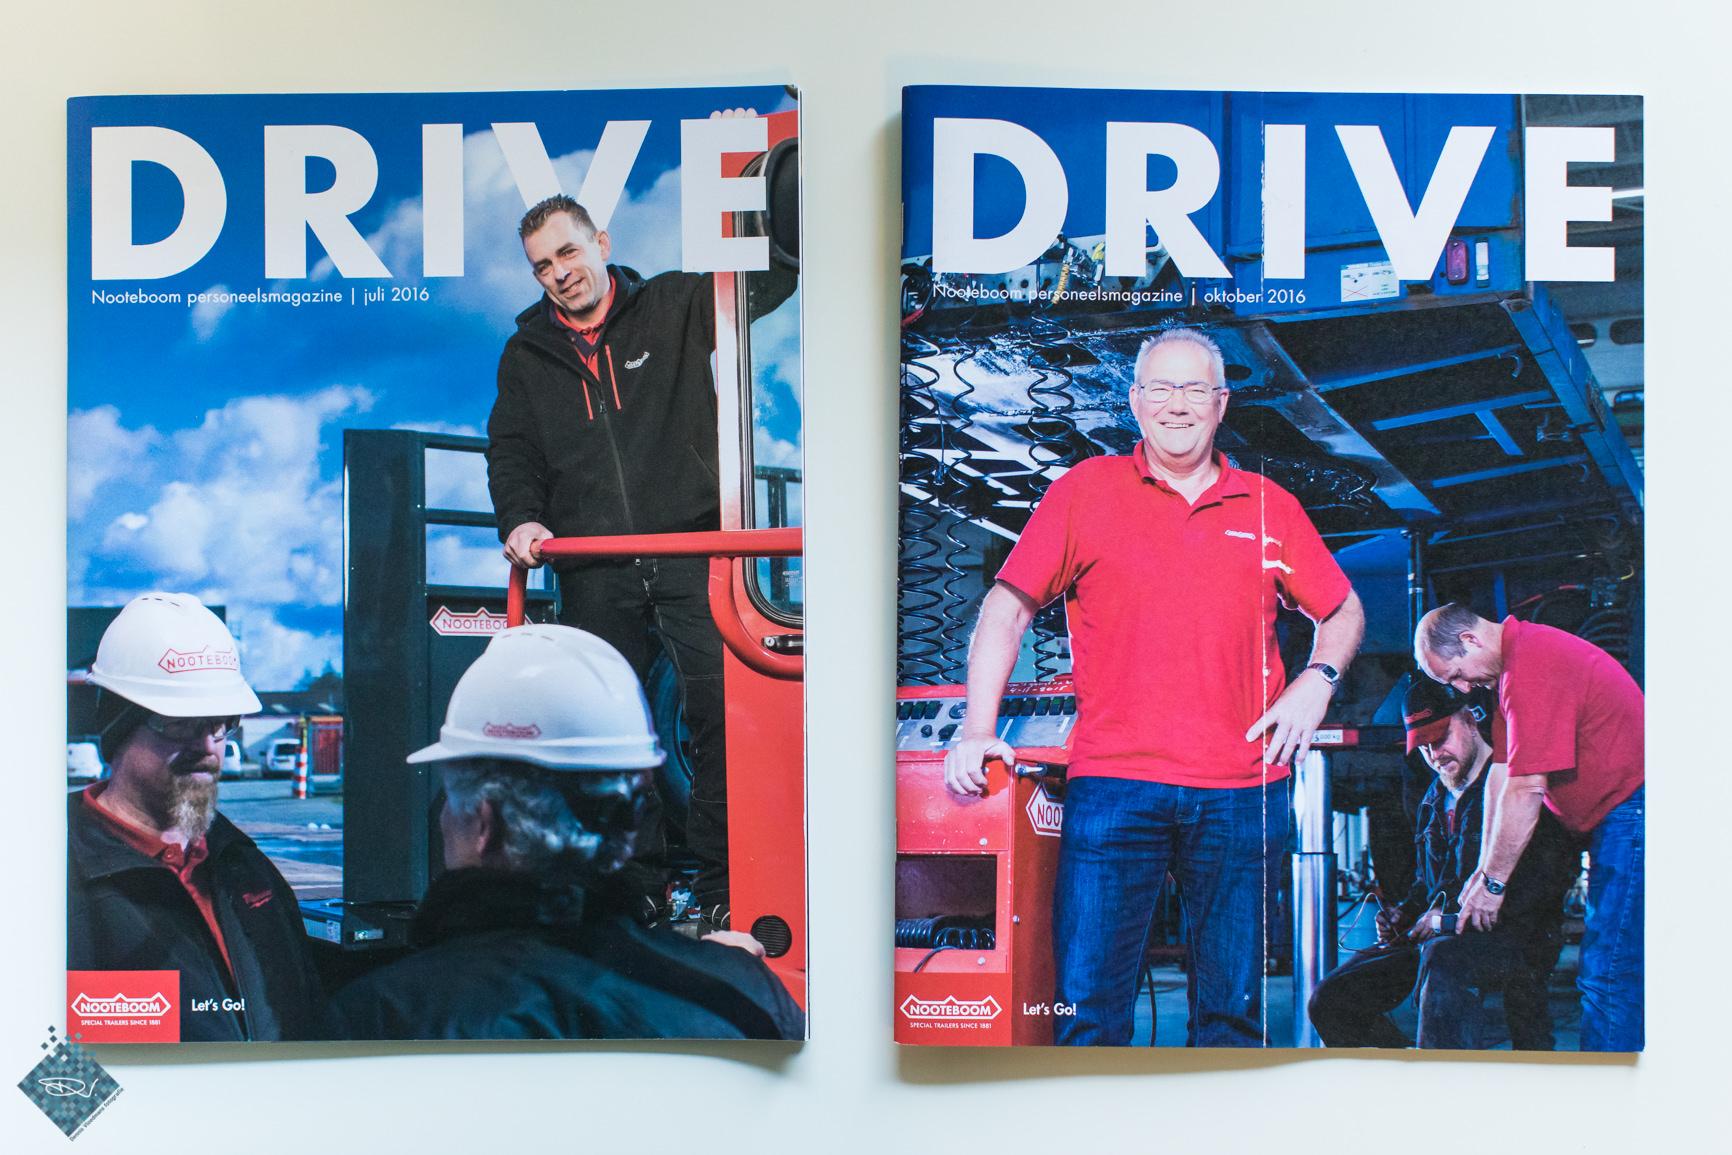 Editie 1 en 2 van DRIVE, links het terloopse beeld.